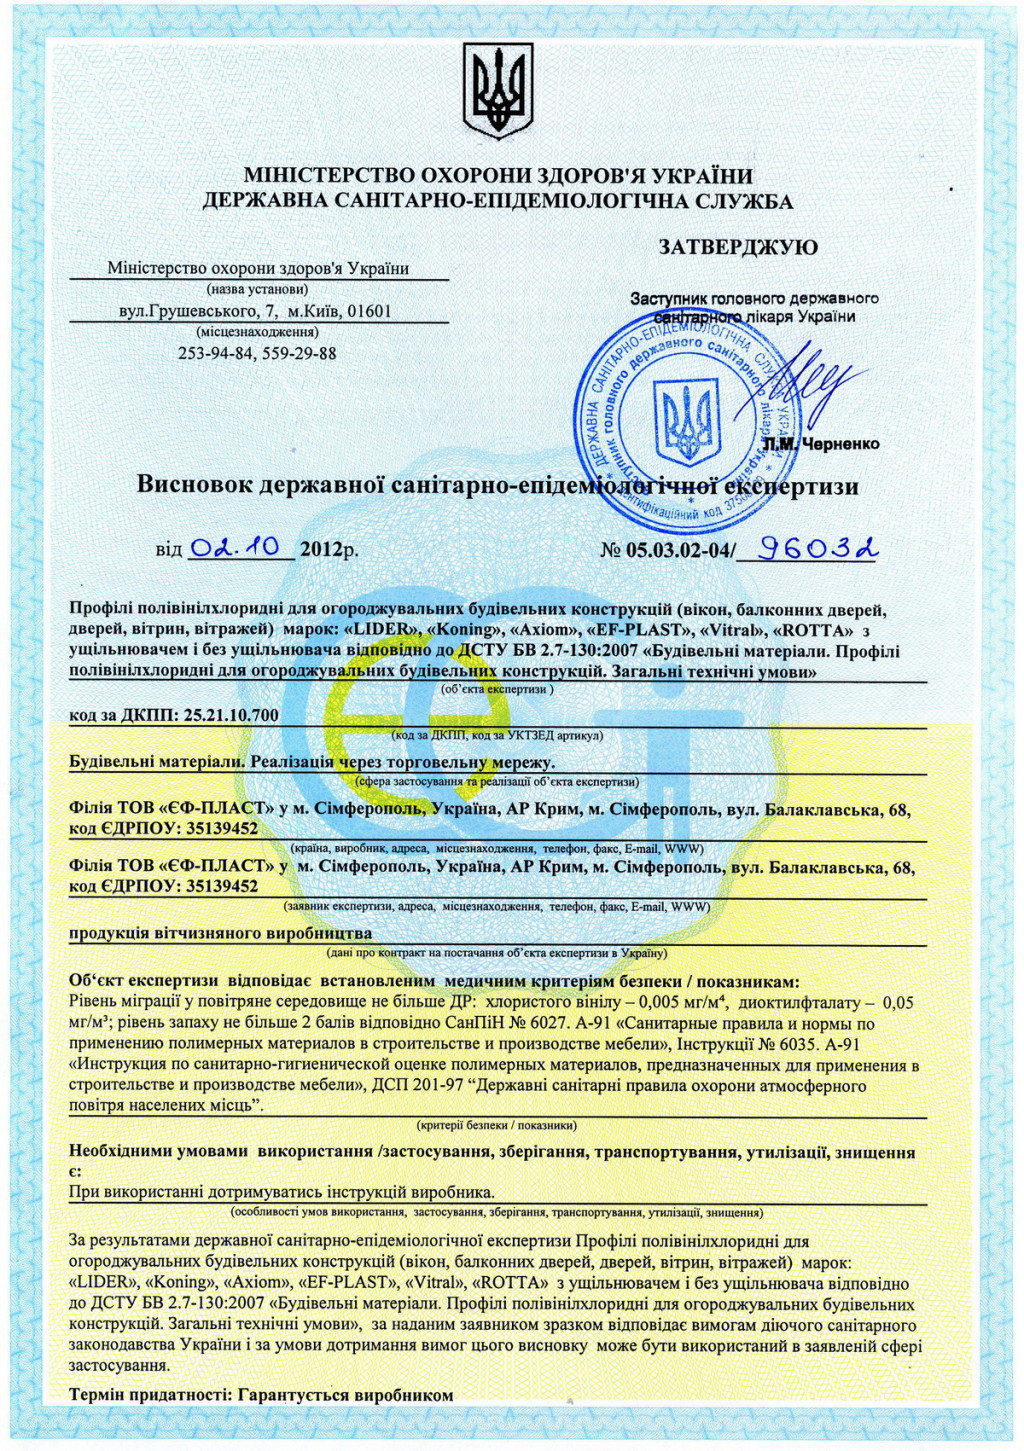 Сертификат гигиены на профиль LIDER, KONING